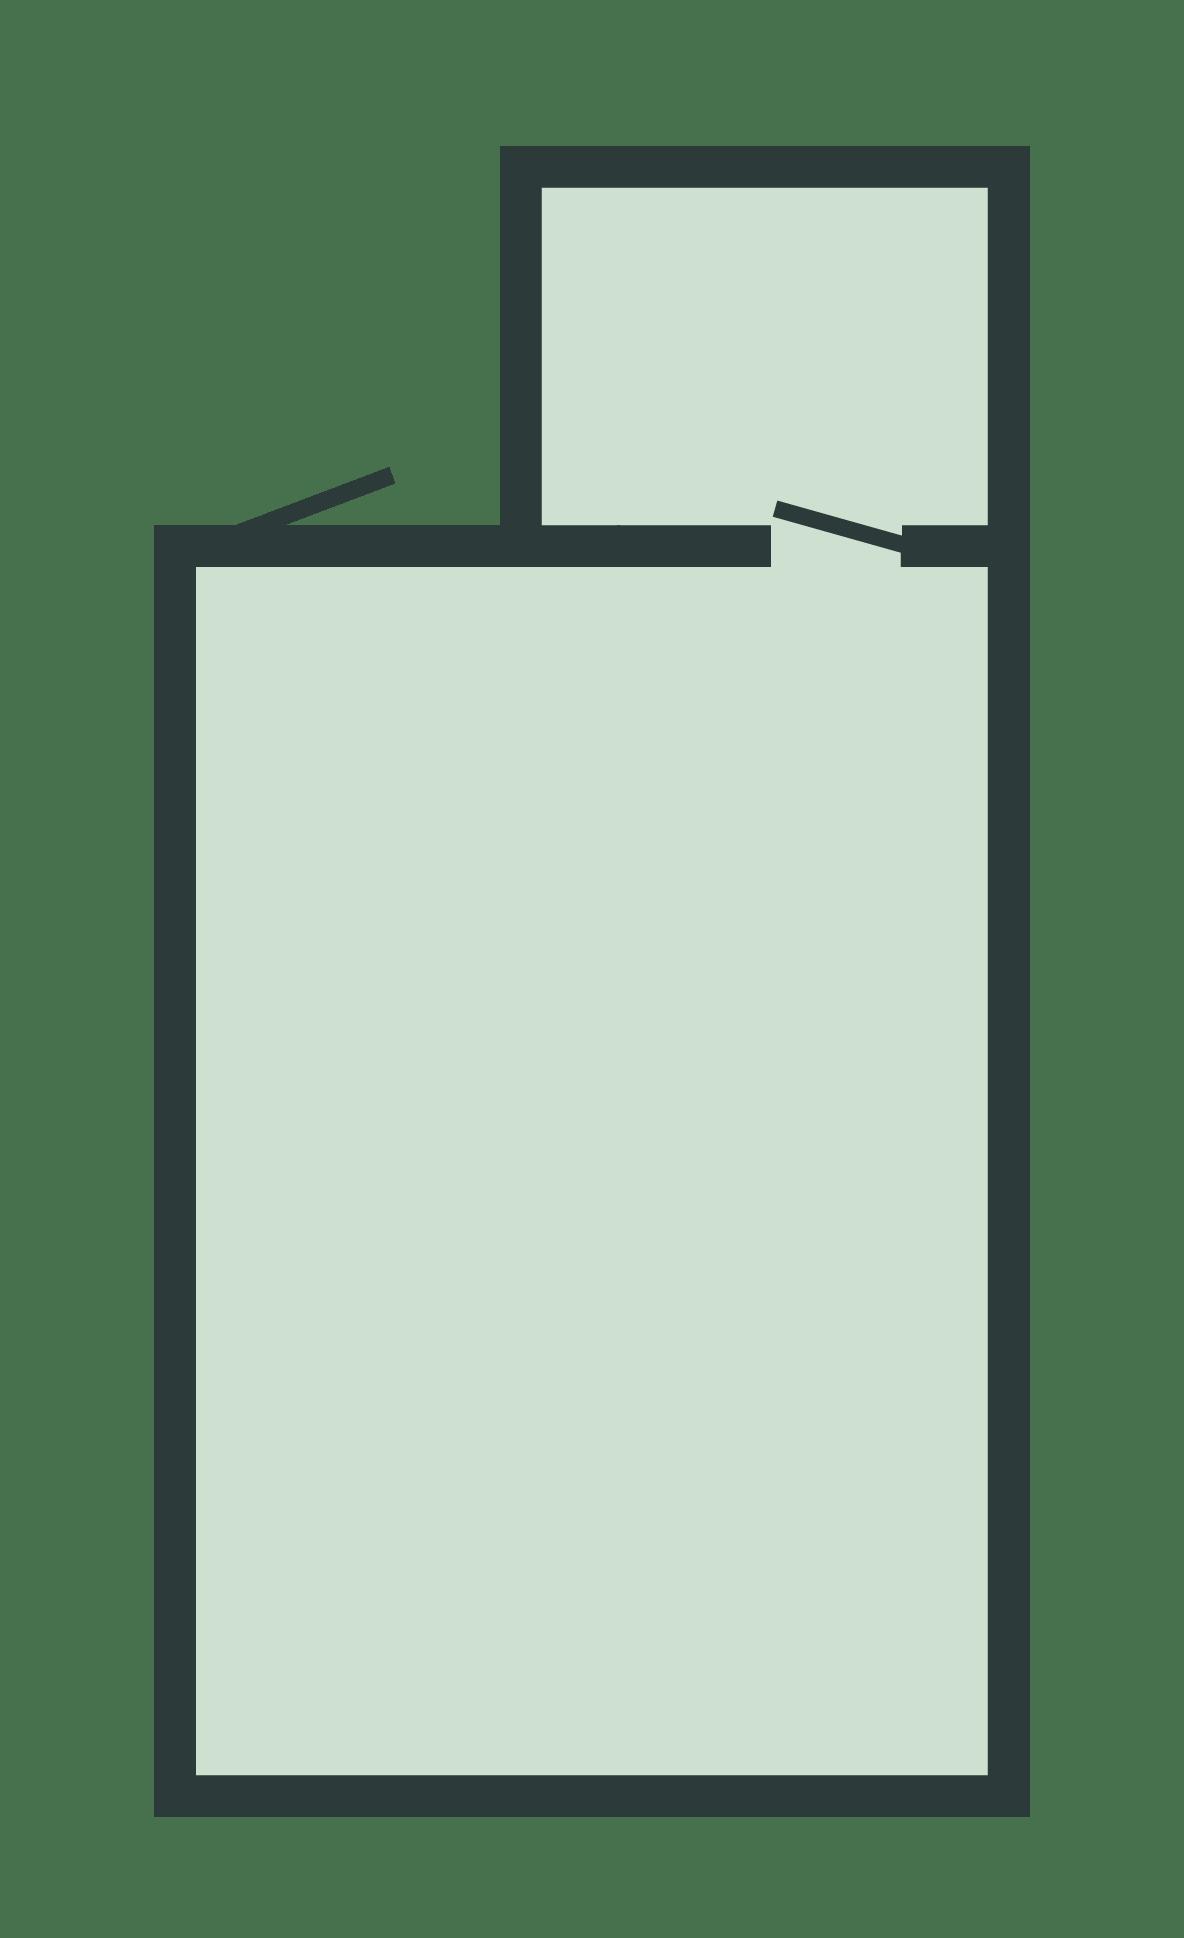 aanbouw-schematisch